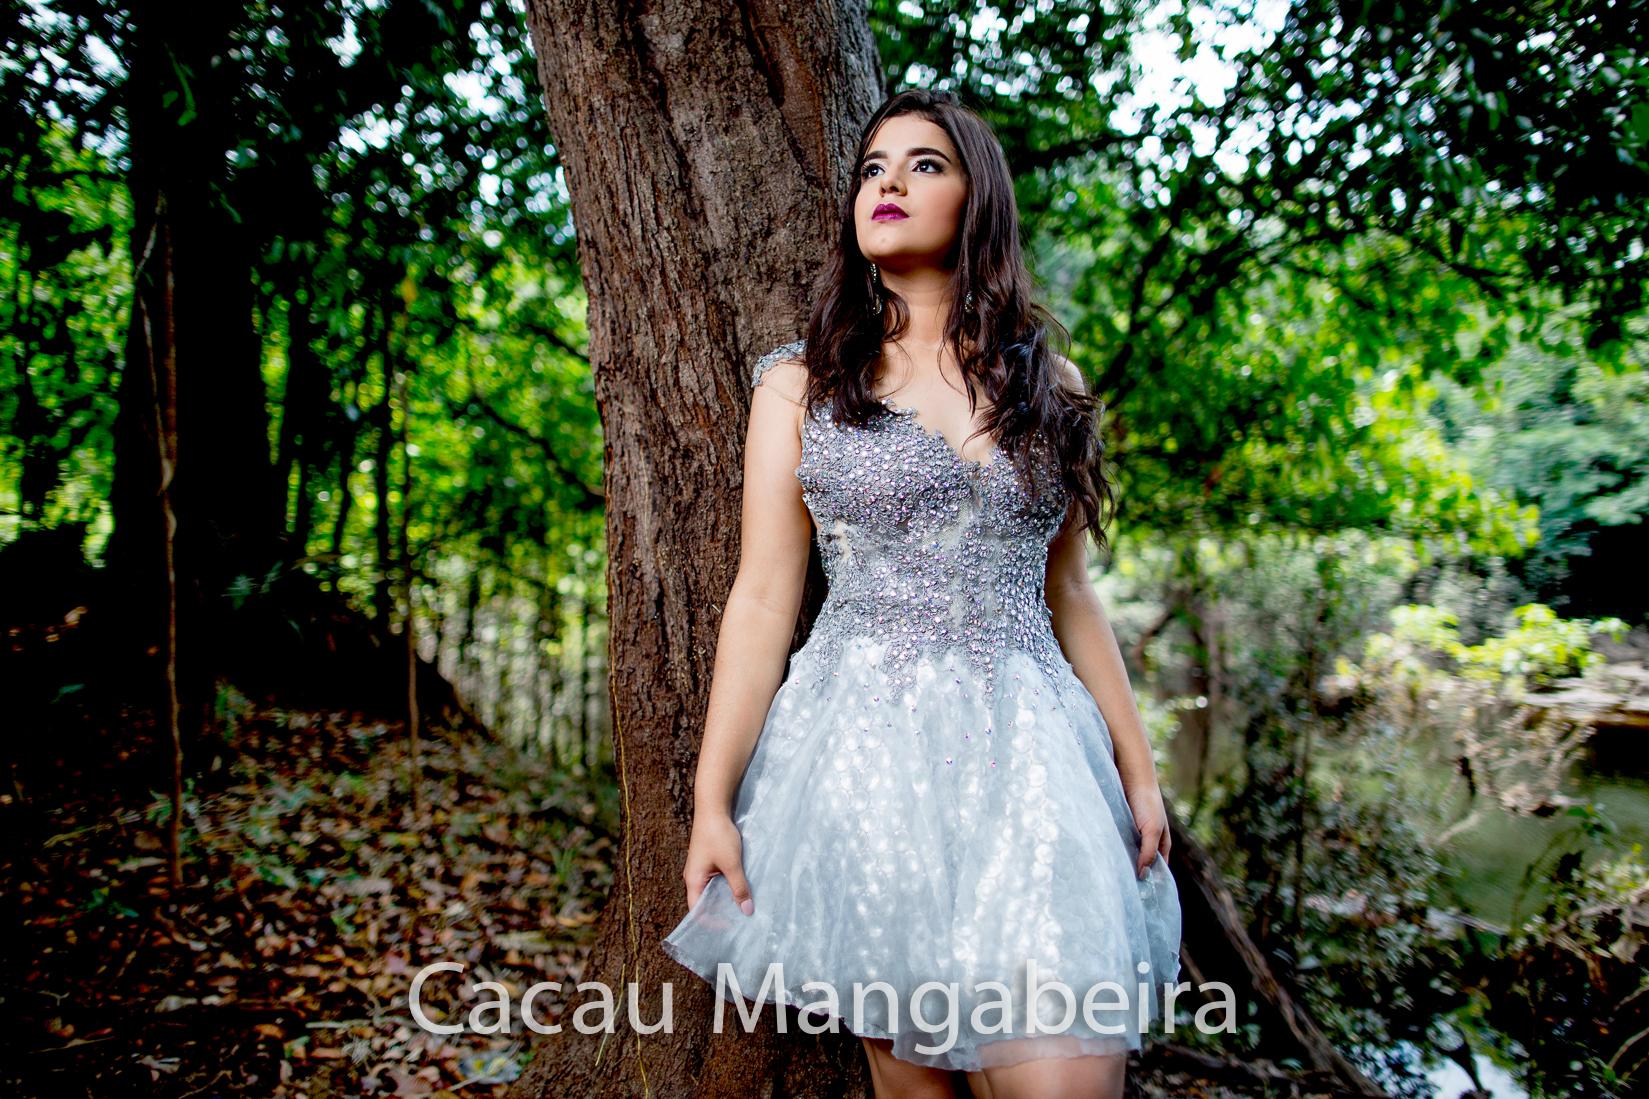 alexia-cacaumangabeira